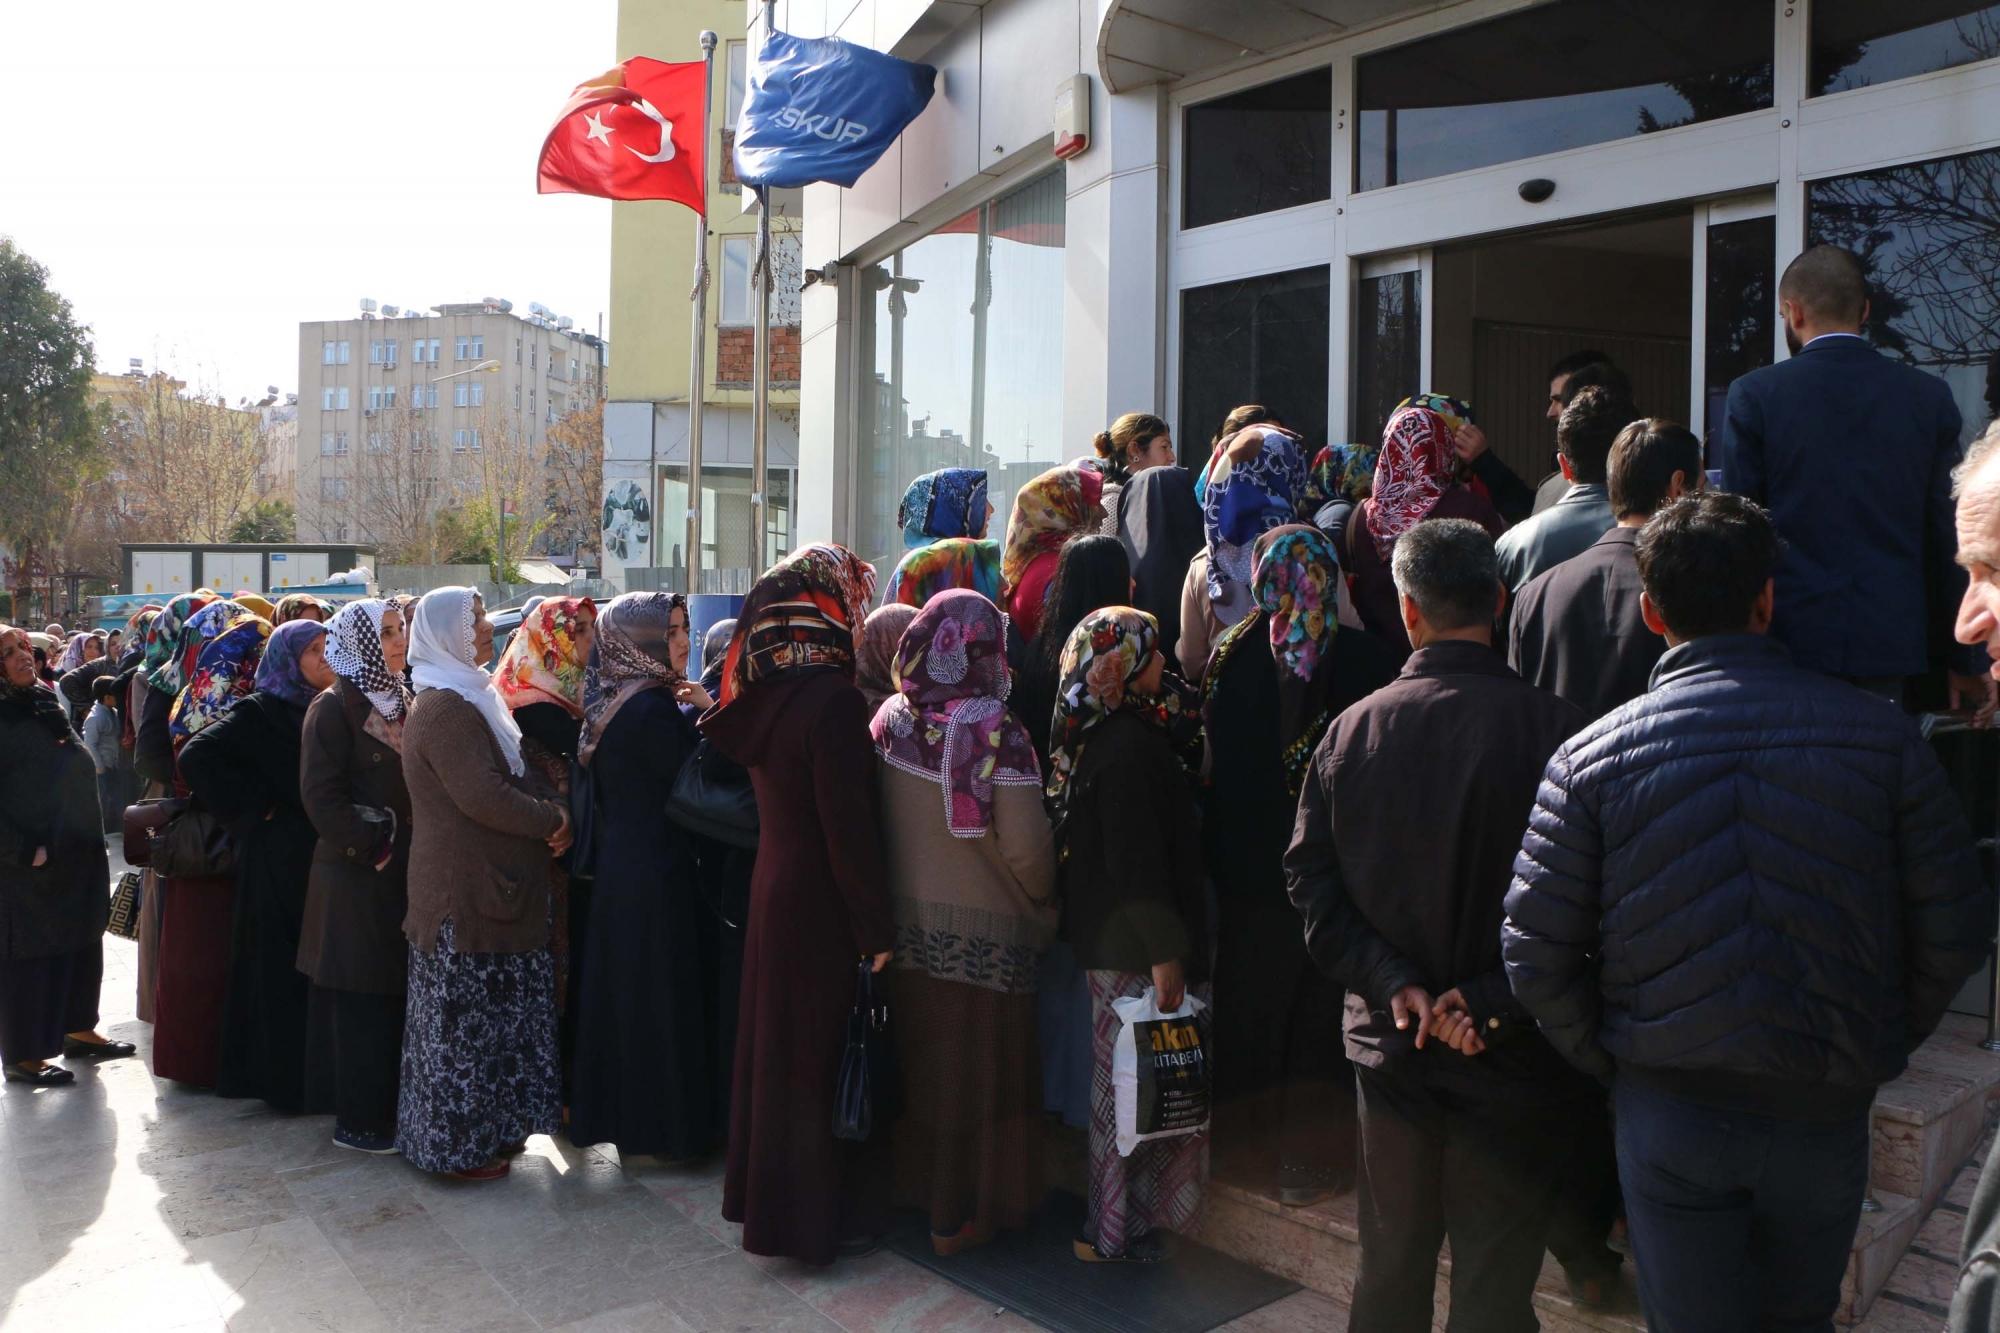 Kastamonu İŞKUR'da skandal: İşe alınacaklar önceden belirlendi